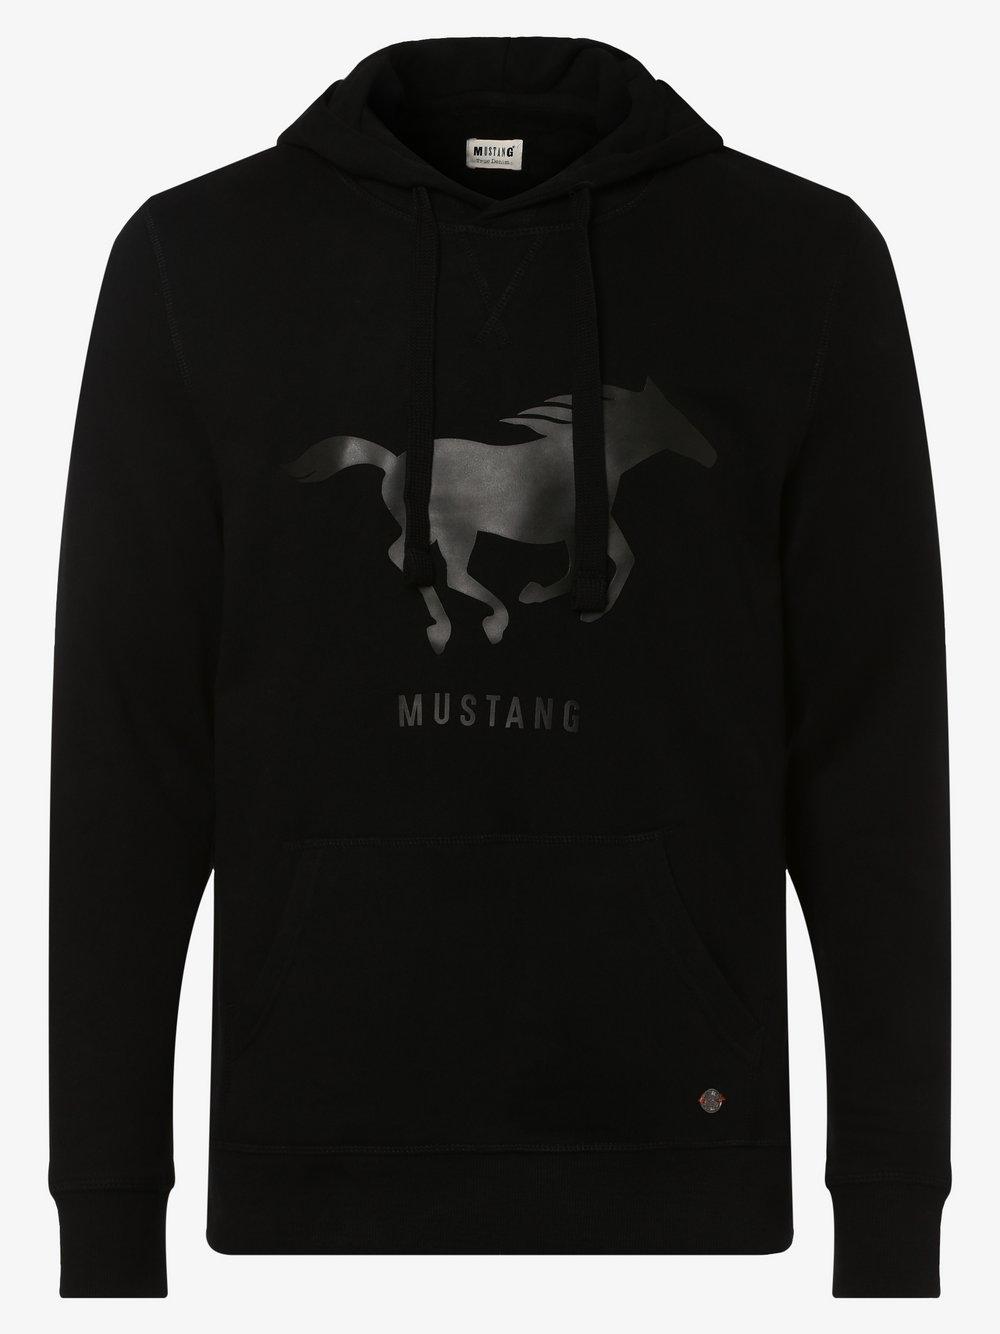 Mustang - Męska bluza nierozpinana, czarny